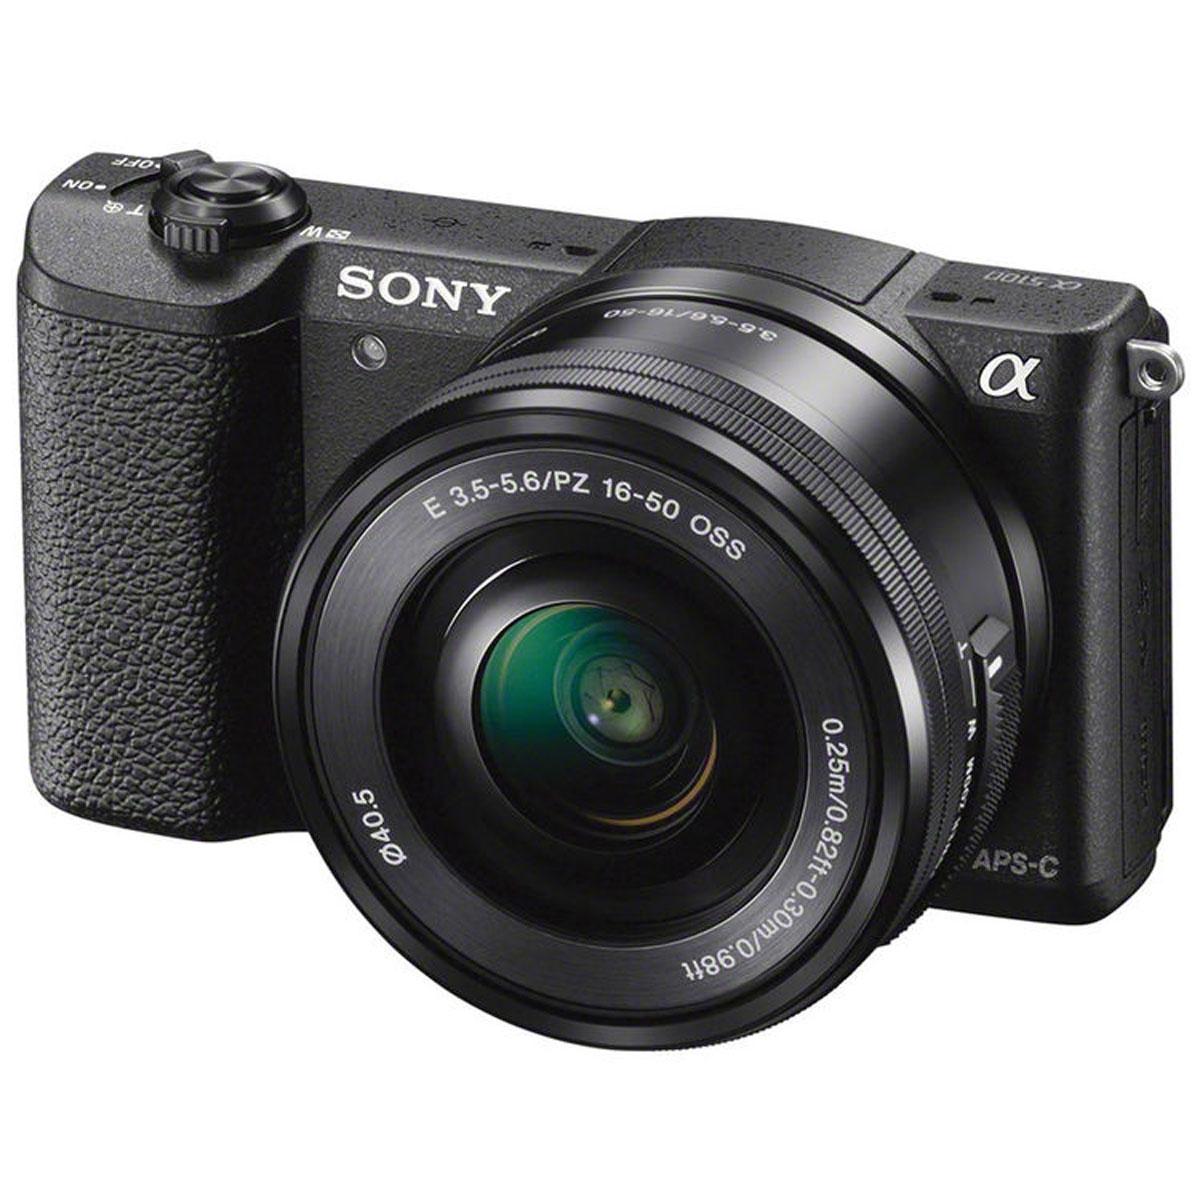 Sony Alpha A5100 Kit 16-50mm E PZ, Black цифровая фотокамераILCE5100LB.CECSony Alpha A5100 - цифровая фотокамера со сменной оптикой для профессиональных результатов.Быстрый гибридный автофокус обеспечивает невероятную четкость и контрастность изображений и видео — выне упустите ни одного кадра. Технология 4D FOCUS обеспечивает непревзойденную работу системы автофокусав четырех измерениях: широкая зона охвата (2 измерения по горизонтали и вертикали), скорость работыавтофокуса (3-е измерение, глубина) и следящий автофокус с упреждением (4-е измерение, время). Этакомпактная камера с несколькими режимами автофокуса позволяет всегда получать потрясающие снимки.Следите за движущимися объектами, настраивайте размер кадра и получайте невероятно точную фокусировку.Совершенная матрица Exmor APS-C CMOS и усовершенствованный процессор изображений BIONZ XРазмещение интегральных линз без зазоров оптимизирует светосилу и минимальный уровень шума. Улучшенныйпроцессор использует алгоритм понижения шума для фотографий при слабом освещении, с более естественнымицветами и детализацией. Вам также доступна расширенная чувствительность для создания естественныхфотографий при слабом освещении или в помещении без использования вспышки. Снимайте такие жепотрясающие видео на A5100. Быстрый следящий автофокус, размытый задний план и звук высокого качестваприлагаются.Поддержка Wi-Fi и NFC упрощает процесс передачи фотографий и видео на телевизор с поддержкой NFC, а такжена телефоны и планшеты Android — никакой сложной установки не потребуется. Выбирайте десятки уникальныхприложений для съемки, обработки и передачи фотографий — от Smart Remote Control до Direct Upload.Формат кадра: 3:2, 16:9